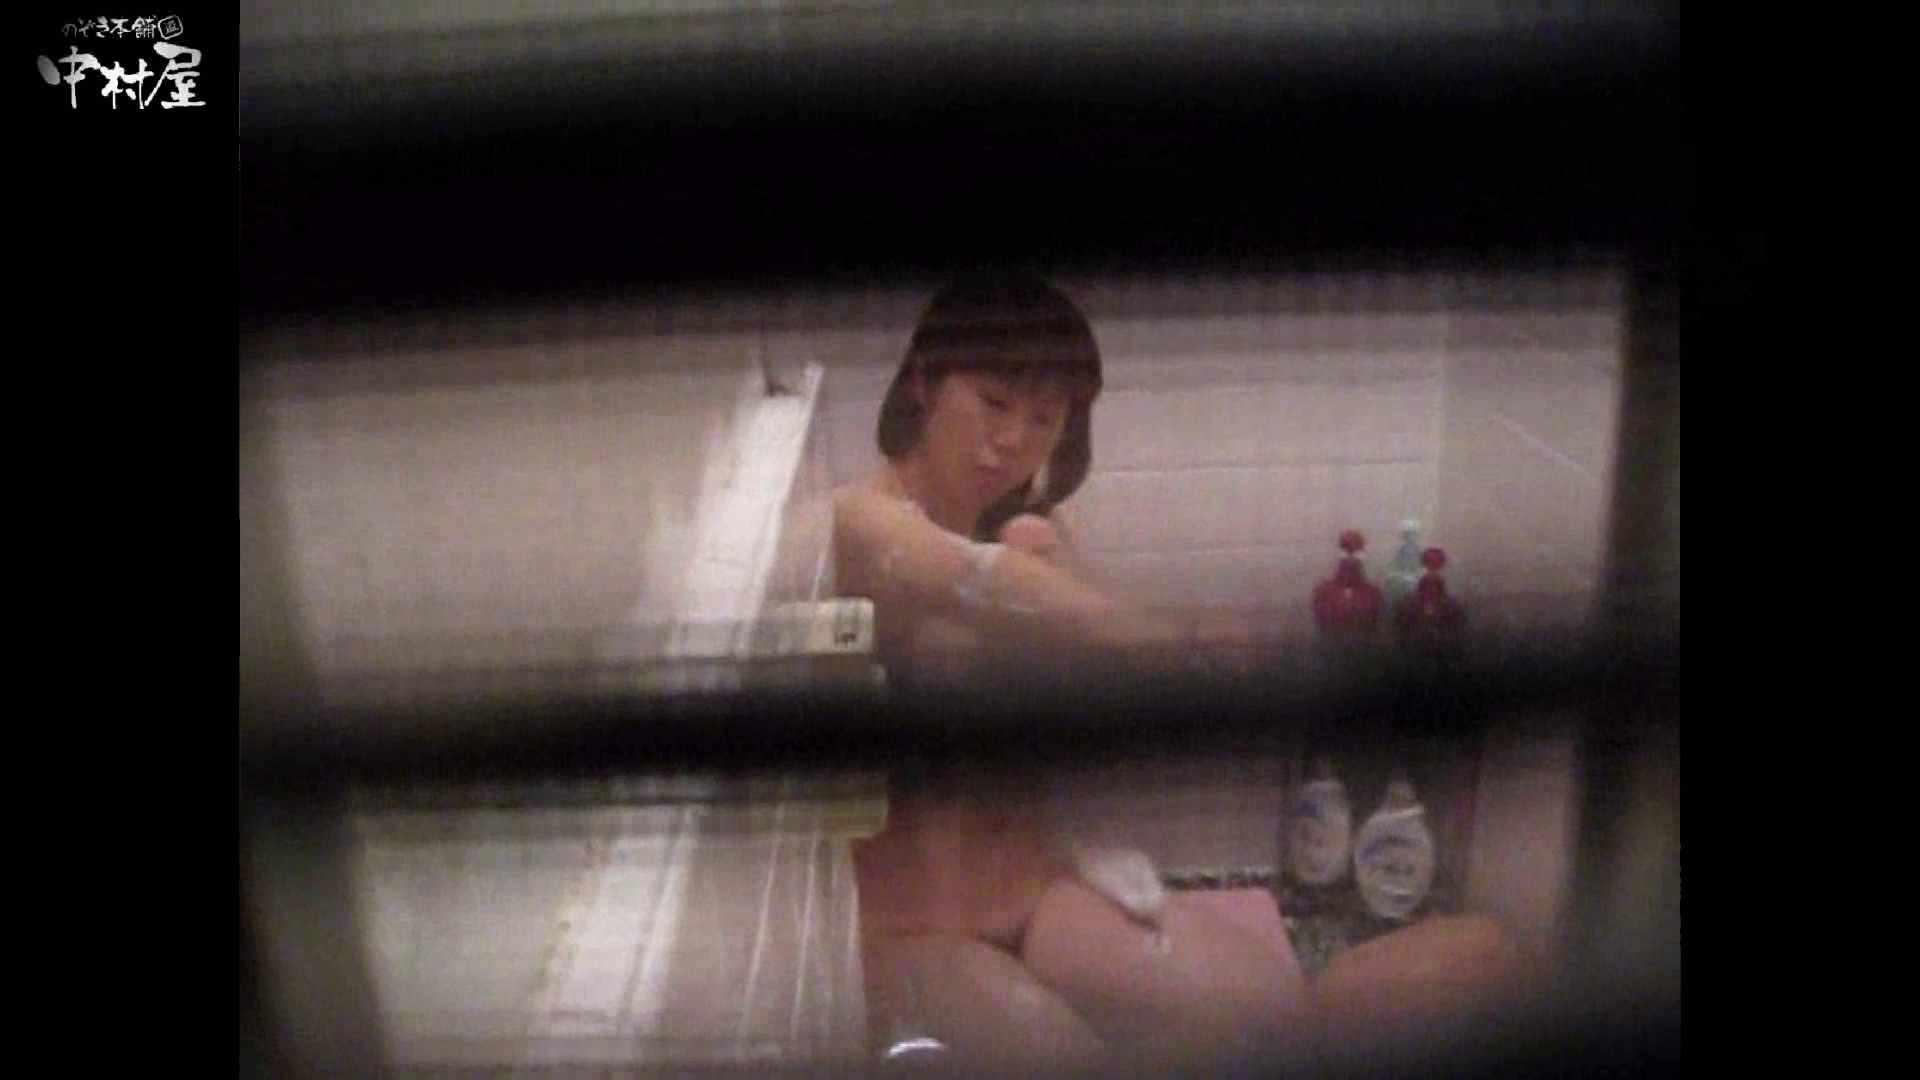 民家風呂専門盗撮師の超危険映像 vol.017 盗撮 オメコ動画キャプチャ 93PICs 33